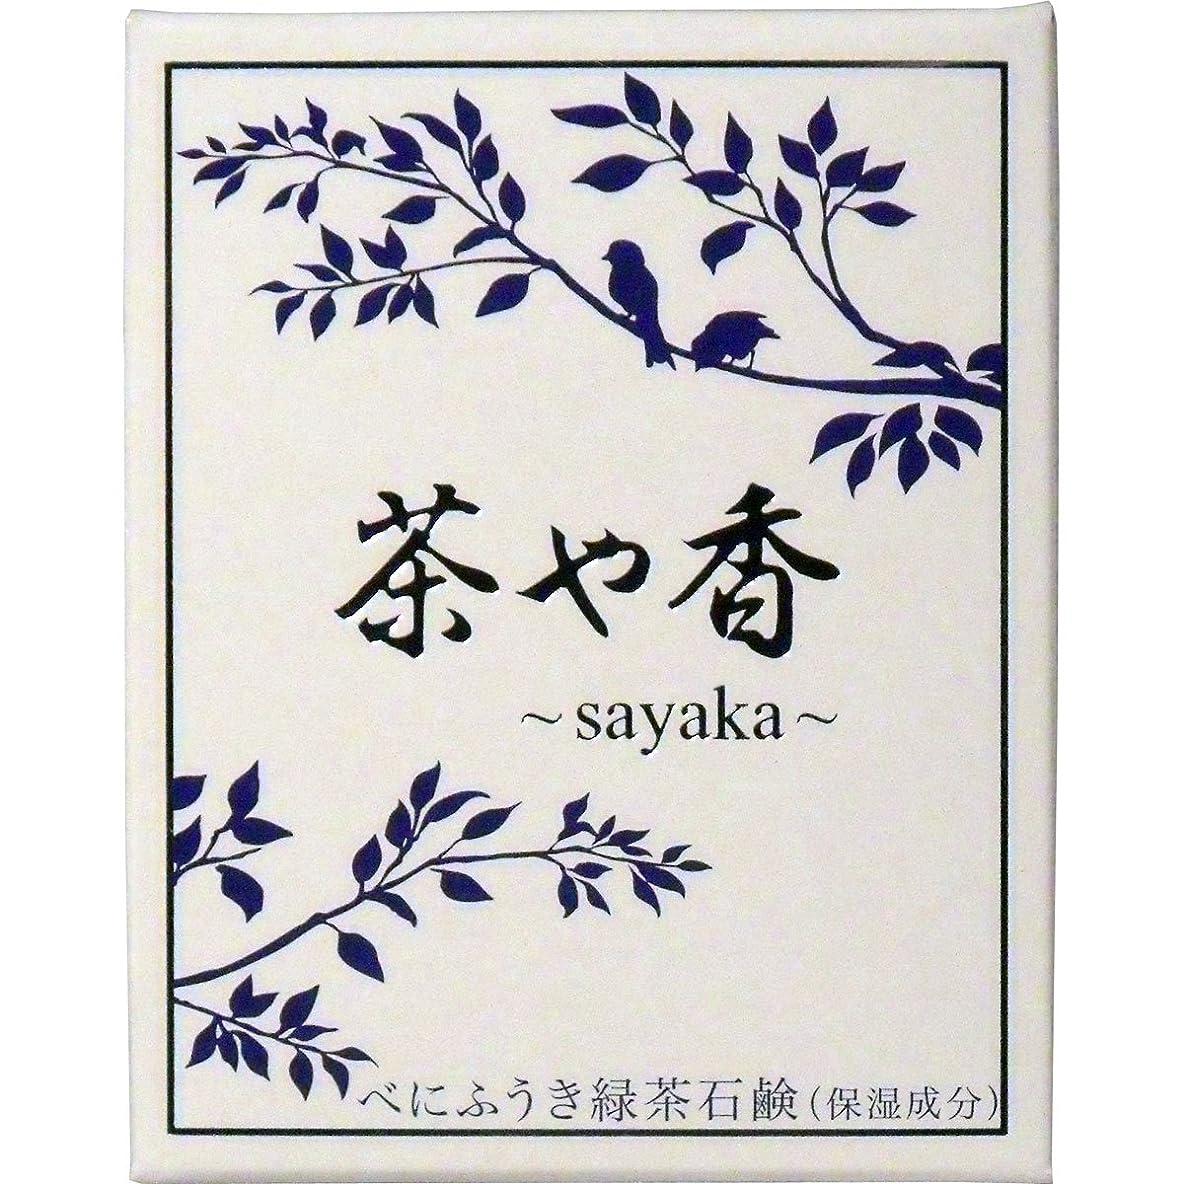 極小ベース逸話茶や香 -sayaka- べにふうき緑茶石鹸 100g入 ×8個セット